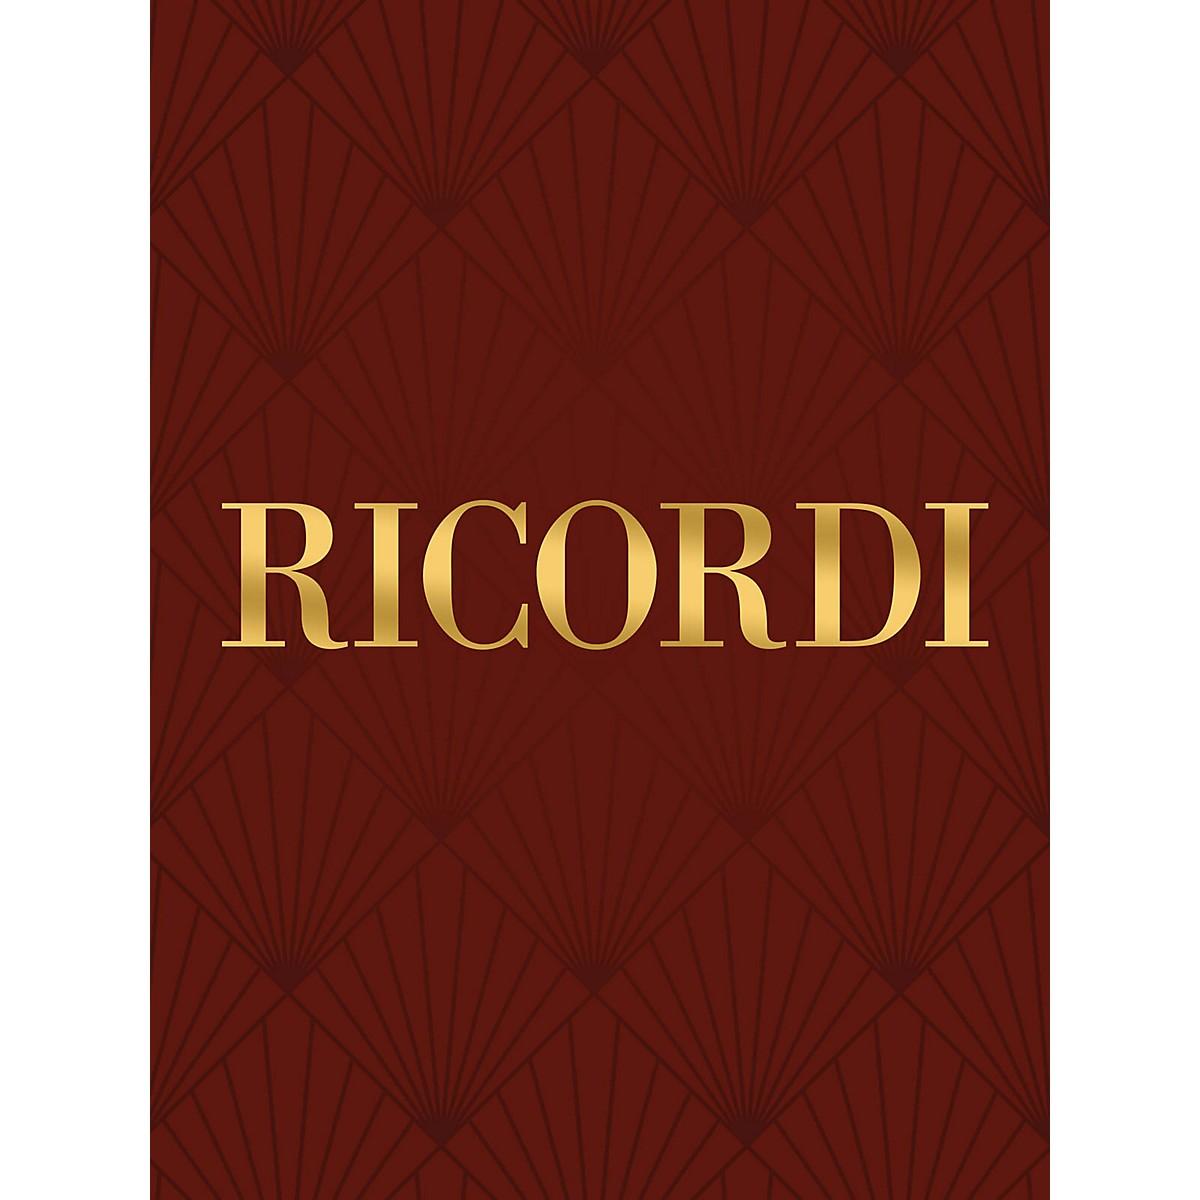 Ricordi Variazioni di Bravura (Sulla quarta corda supra i temi del Mosè di Rossini) String Solo by Paganini